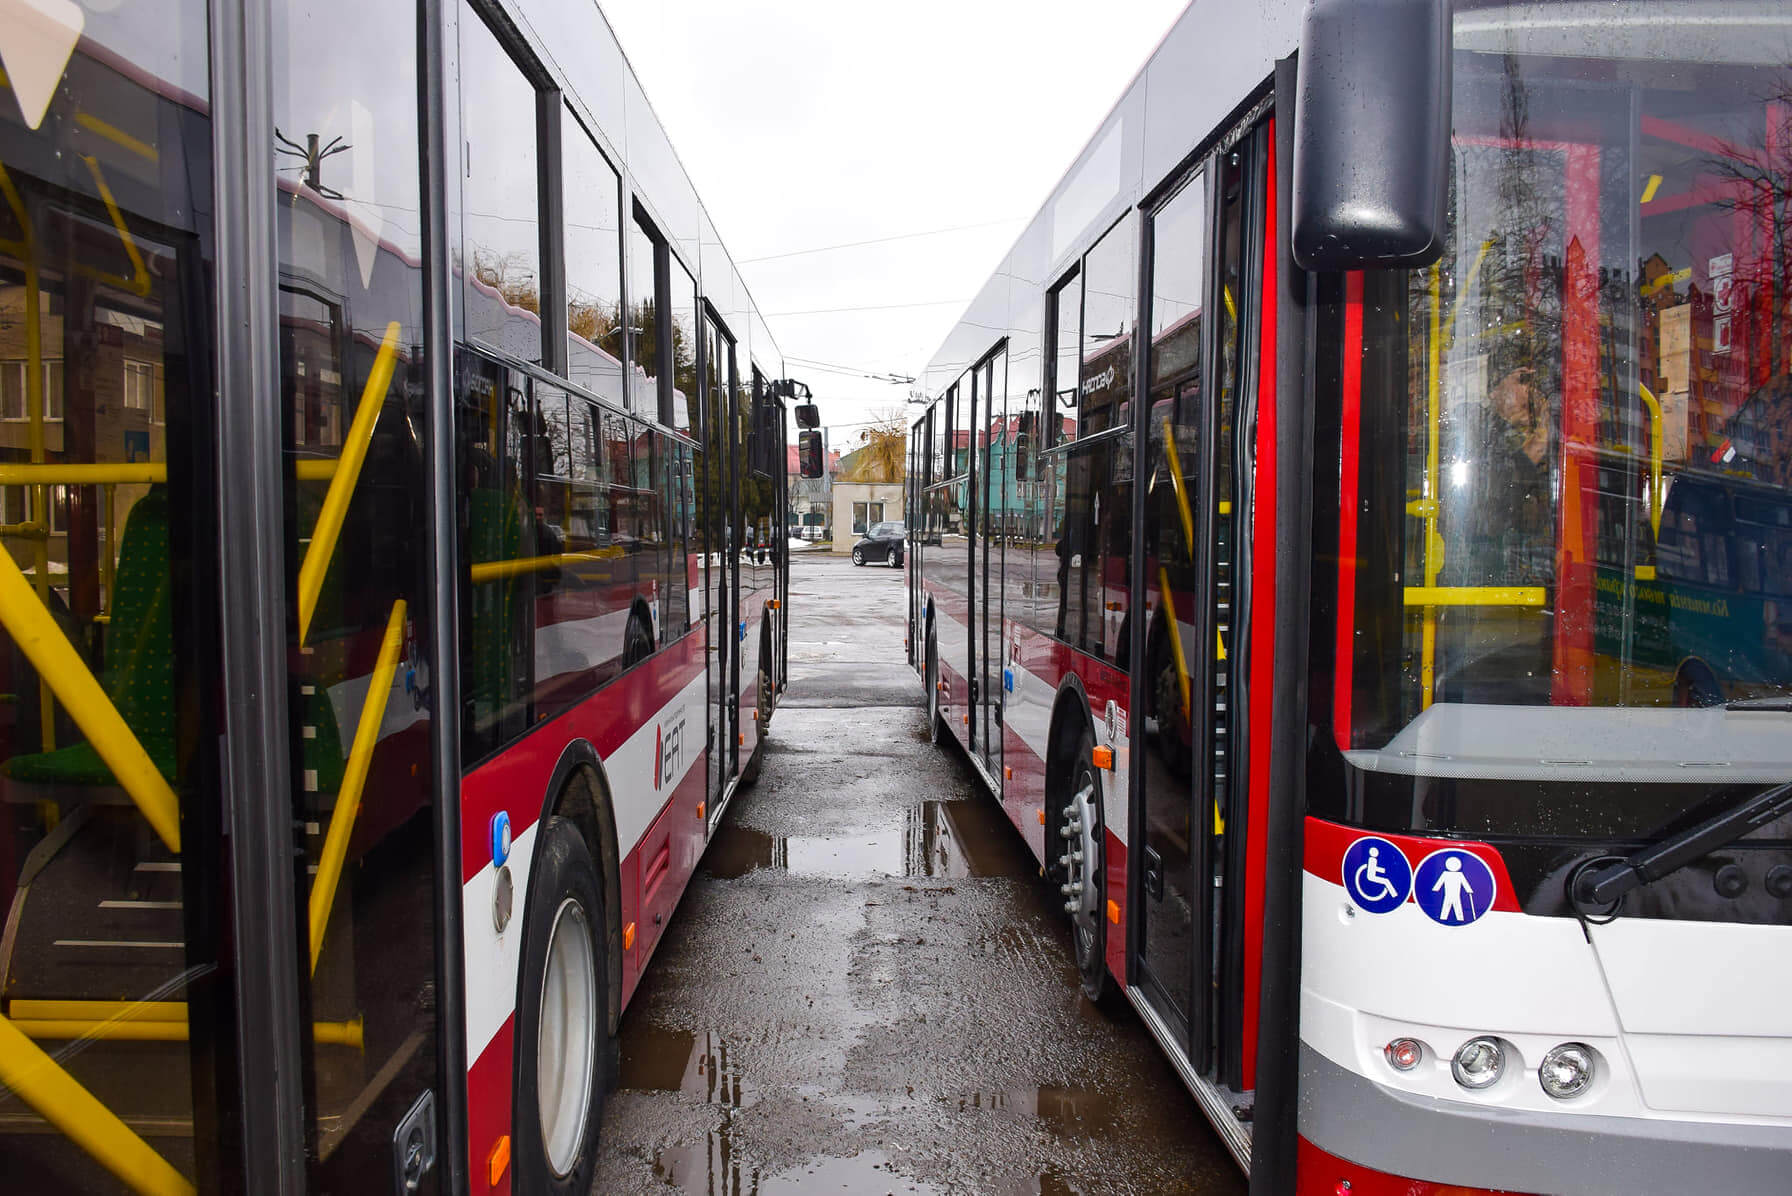 За два роки кількість комунального транспорту у Франківську має сягнути 50%, – Марцінків